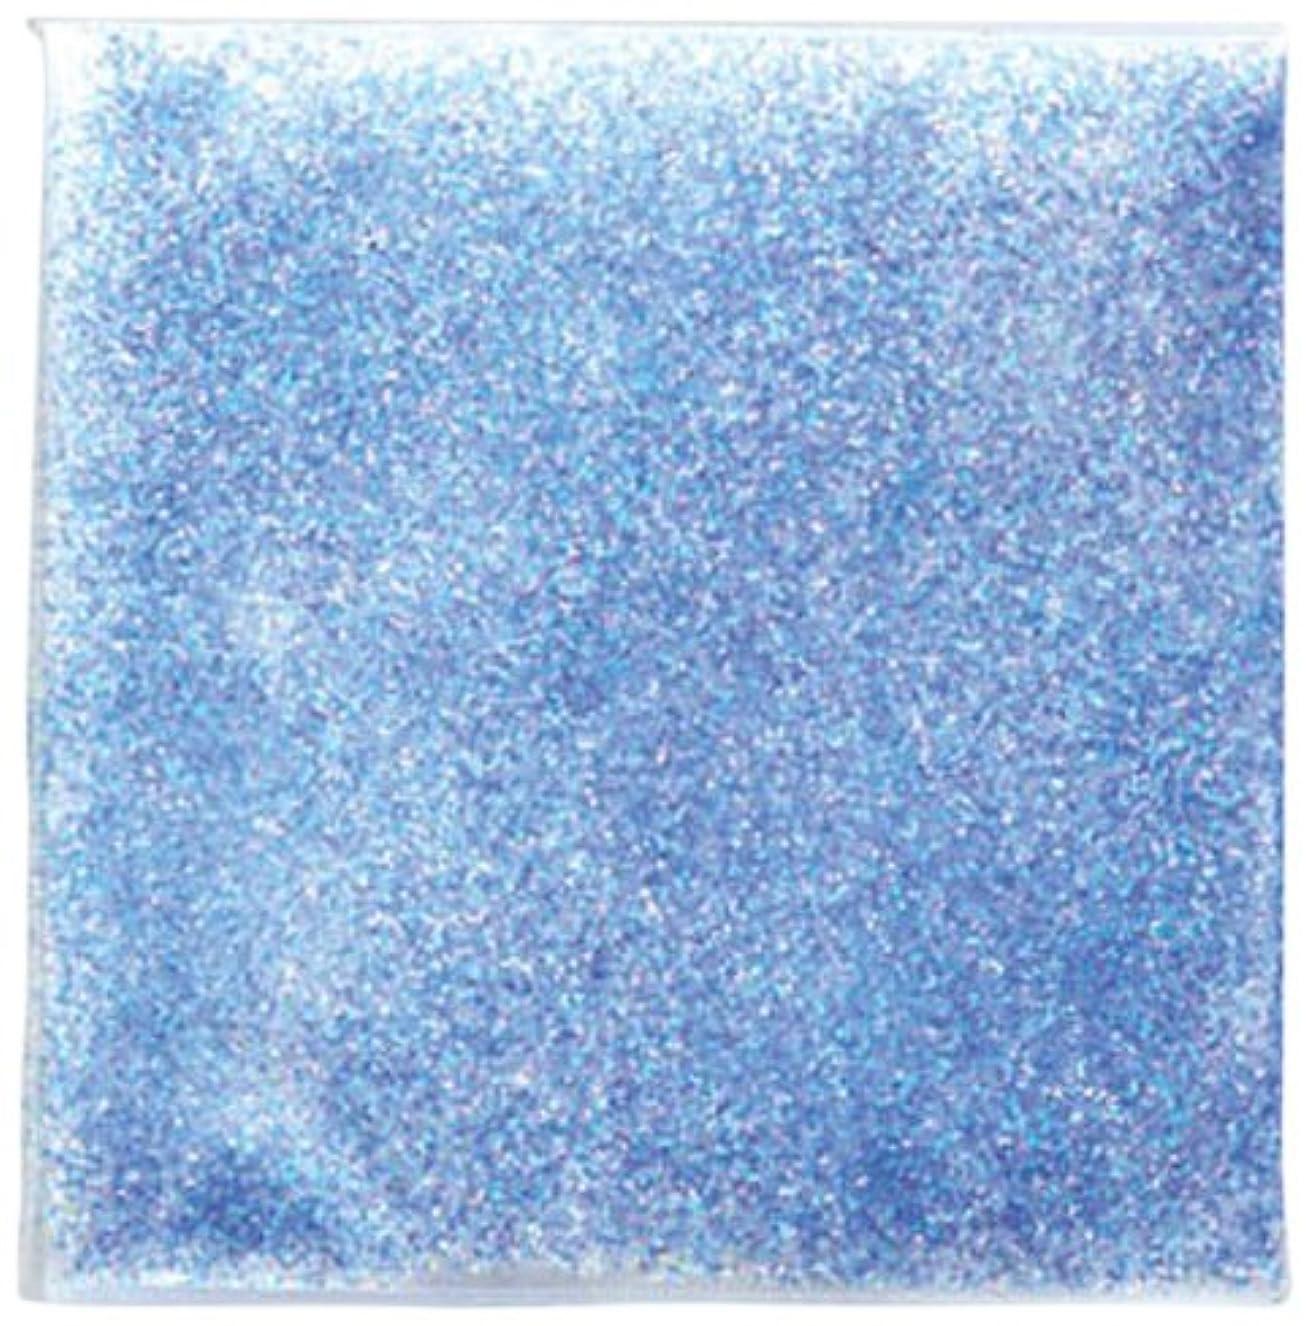 推進抜粋レシピピカエース ネイル用パウダー ラメパステルレインボー S #447 ブルー 0.7g